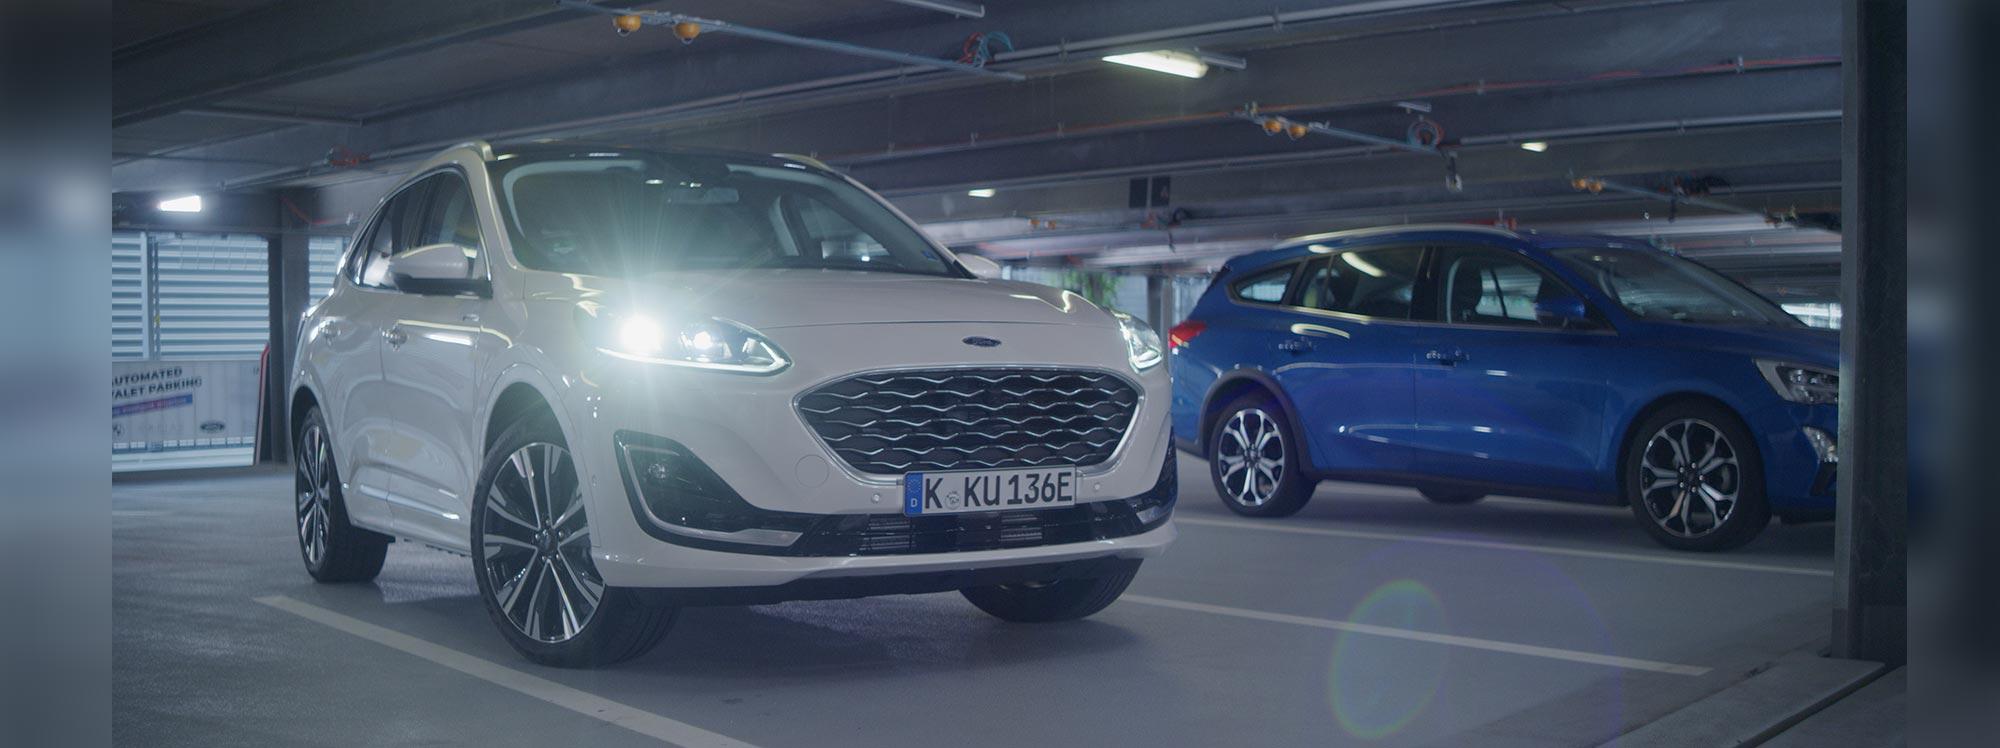 Ford propone un siguiente nivel para estacionar